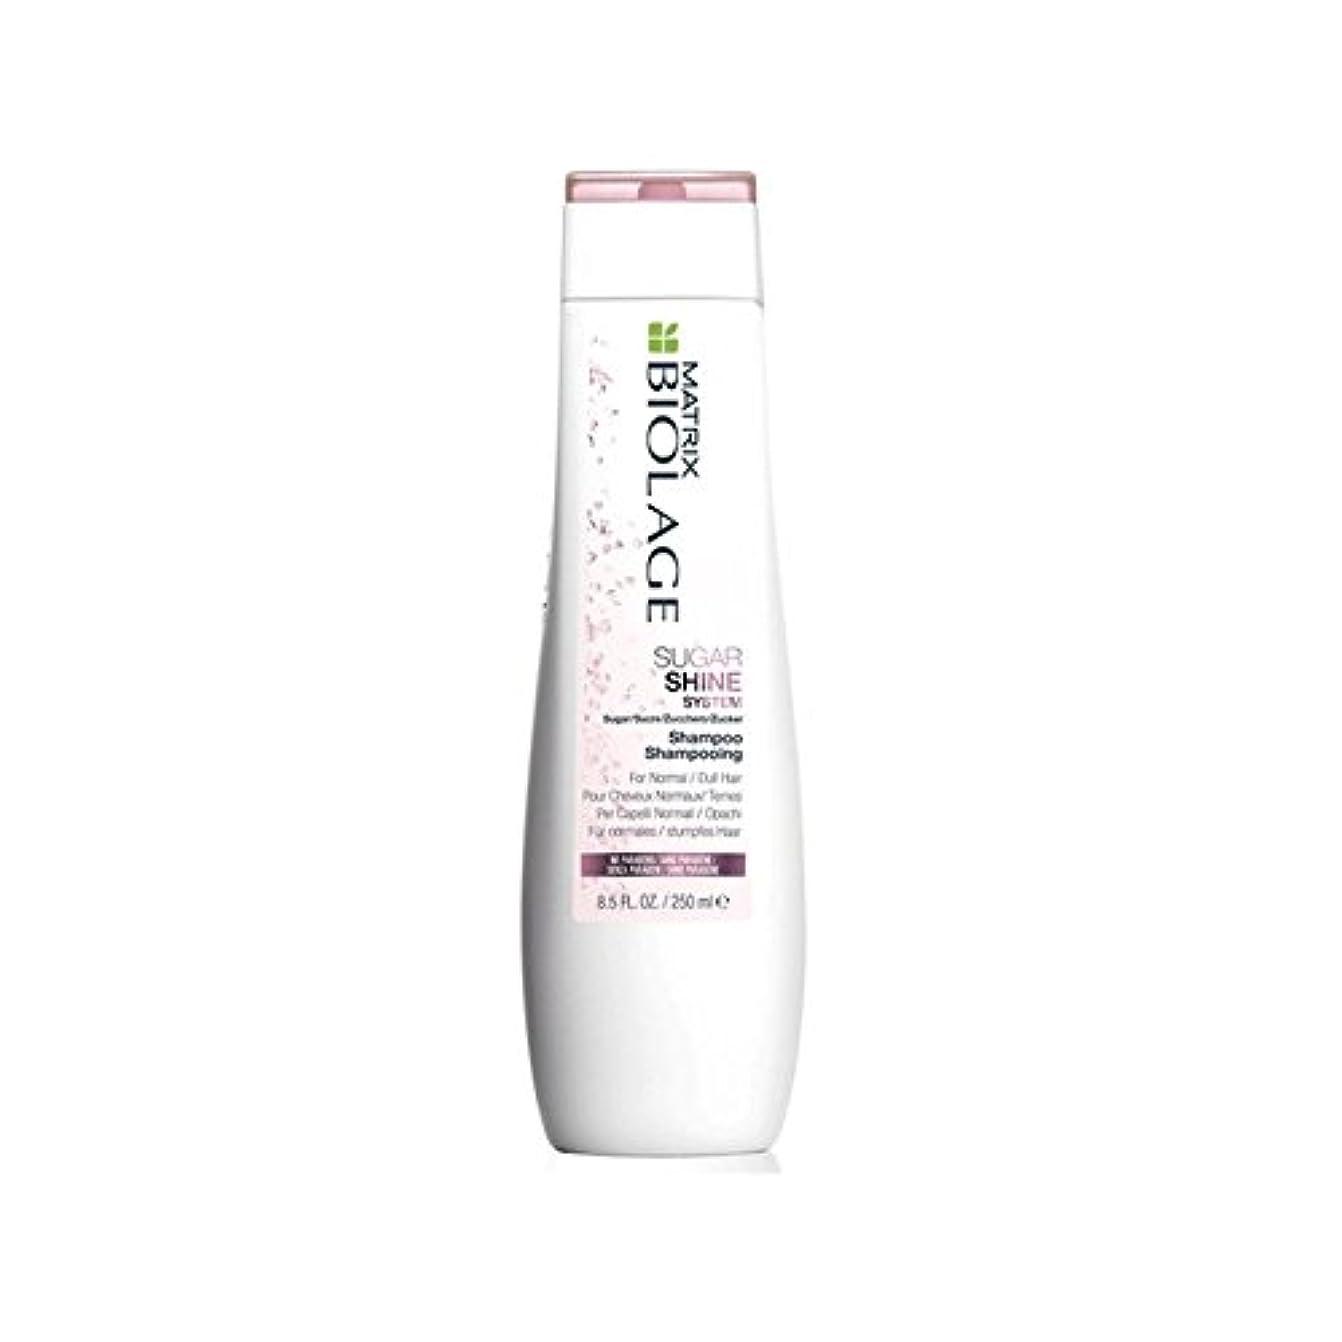 会話型洗剤倒産マトリックスバイオレイジのシャンプー(250ミリリットル) x2 - Matrix Biolage Sugarshine Shampoo (250ml) (Pack of 2) [並行輸入品]